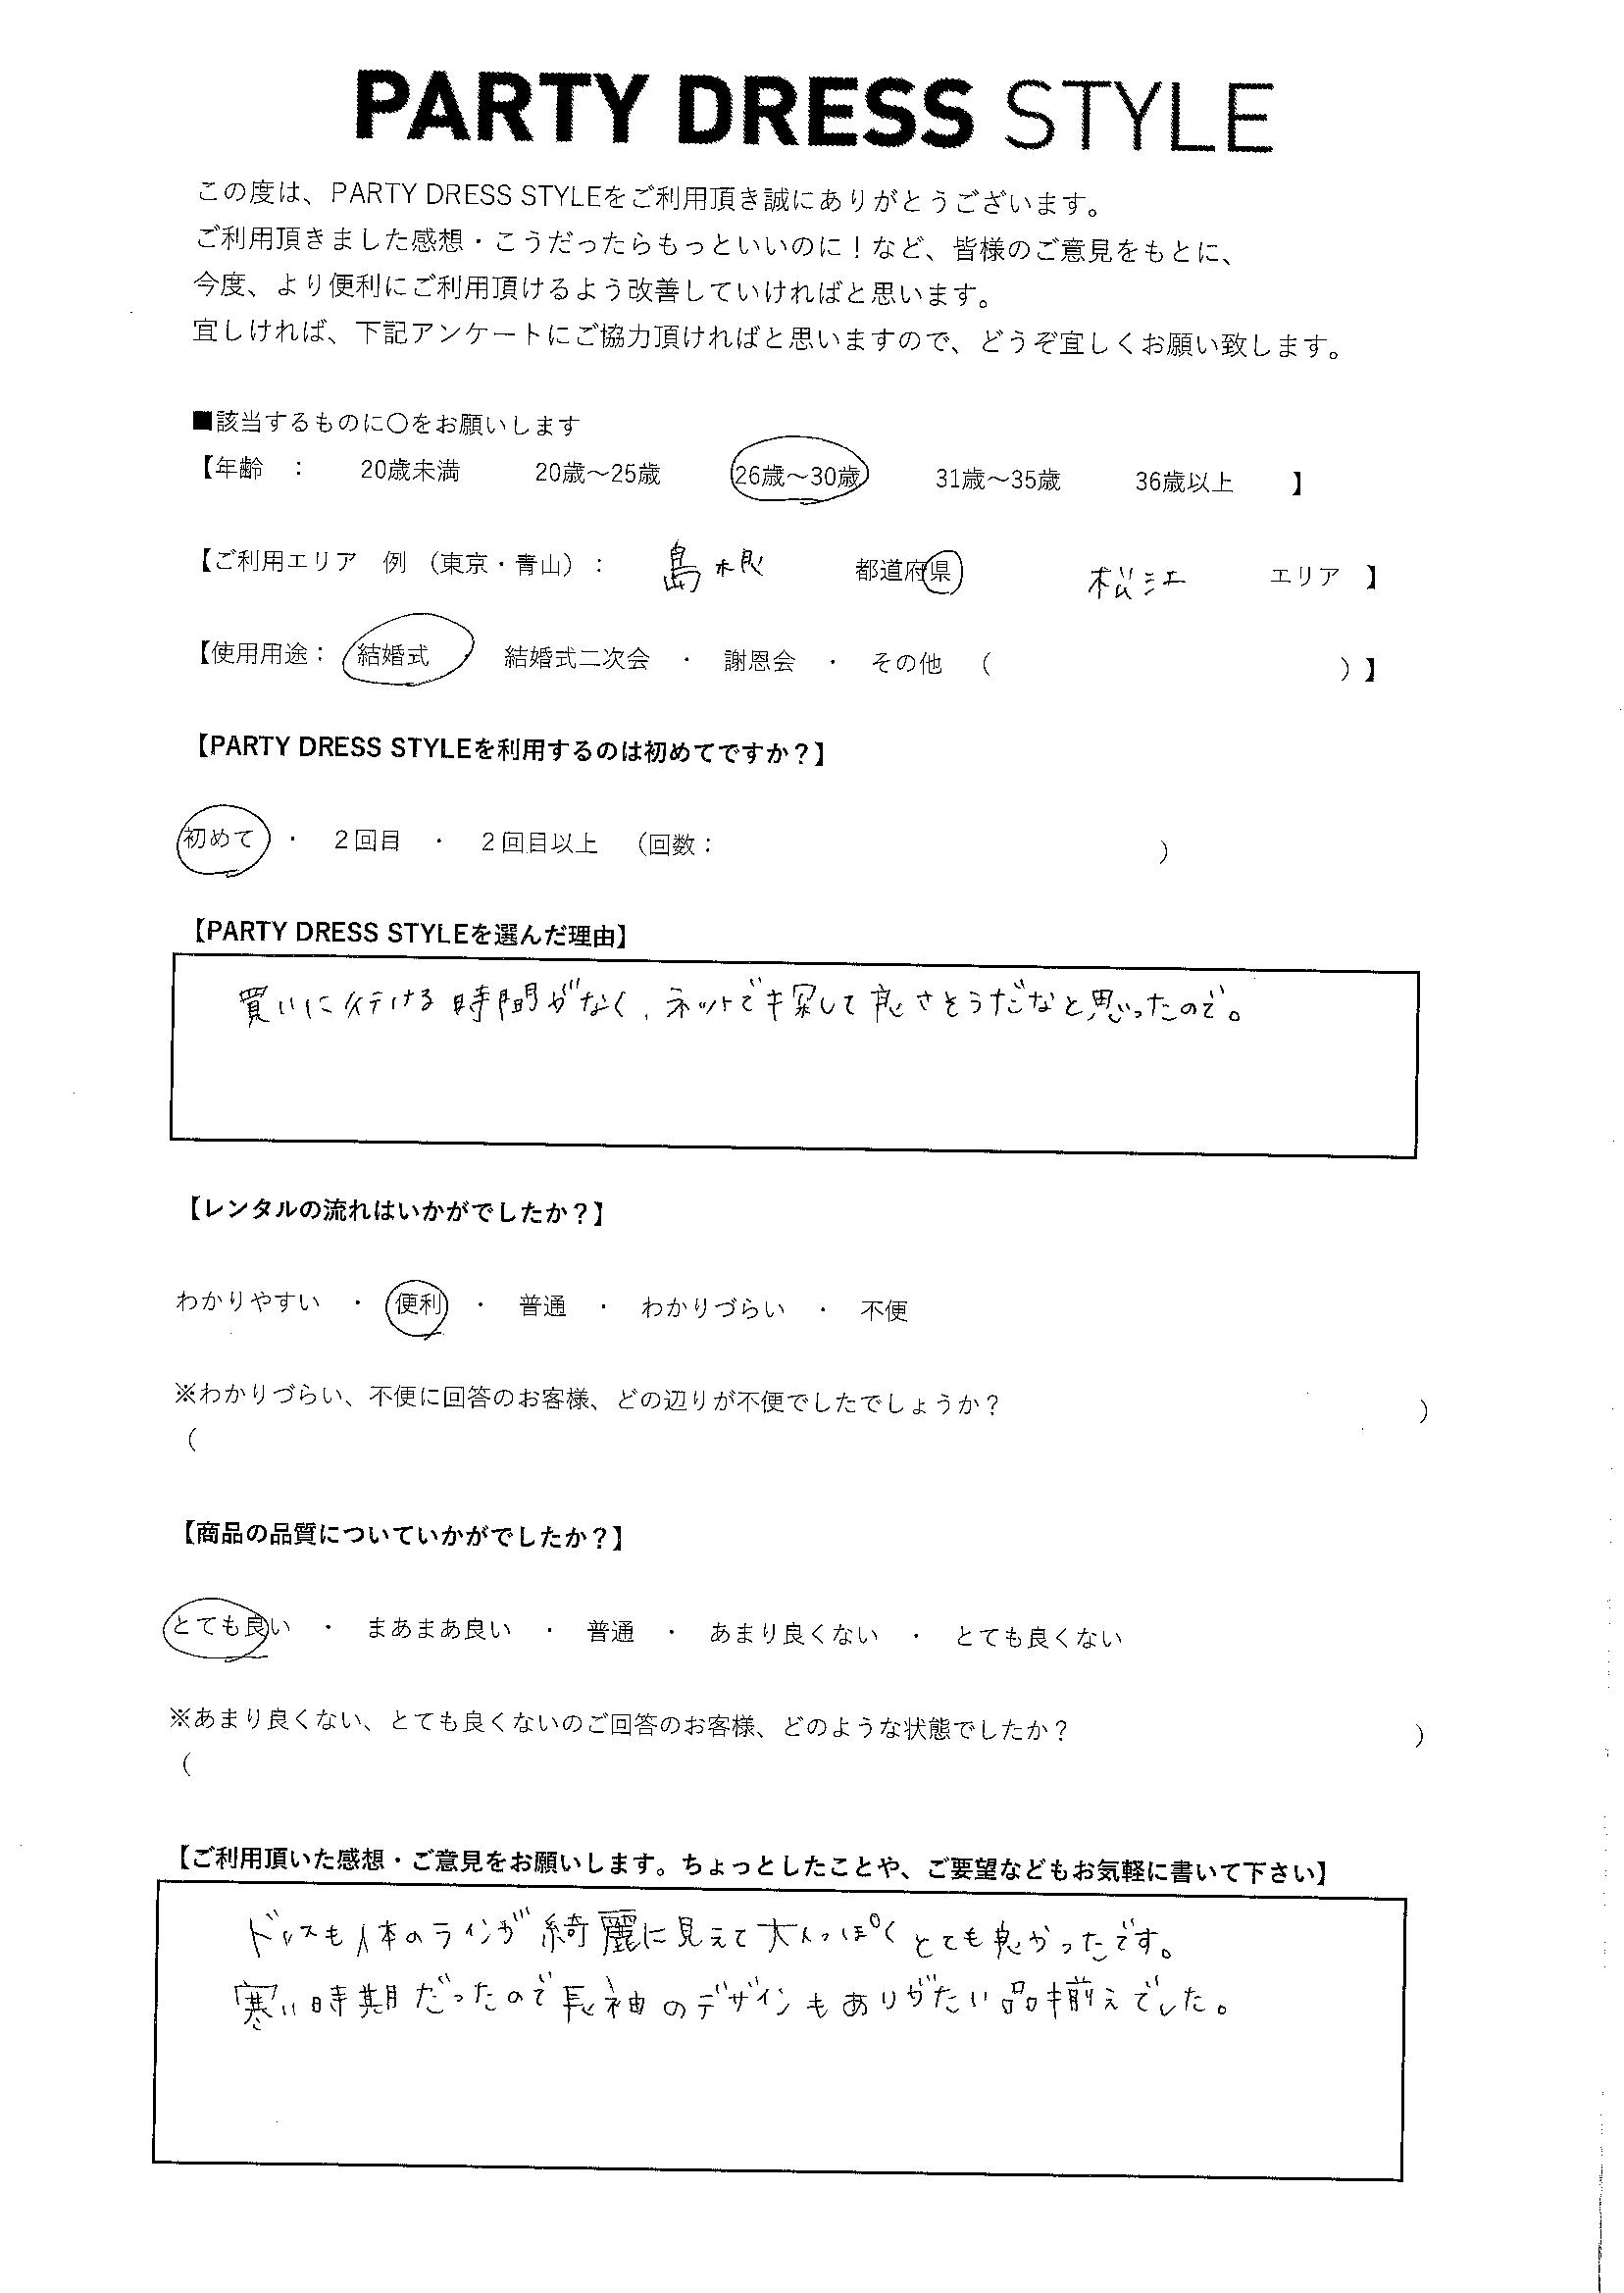 11/22結婚式ご利用 島根・松江エリア